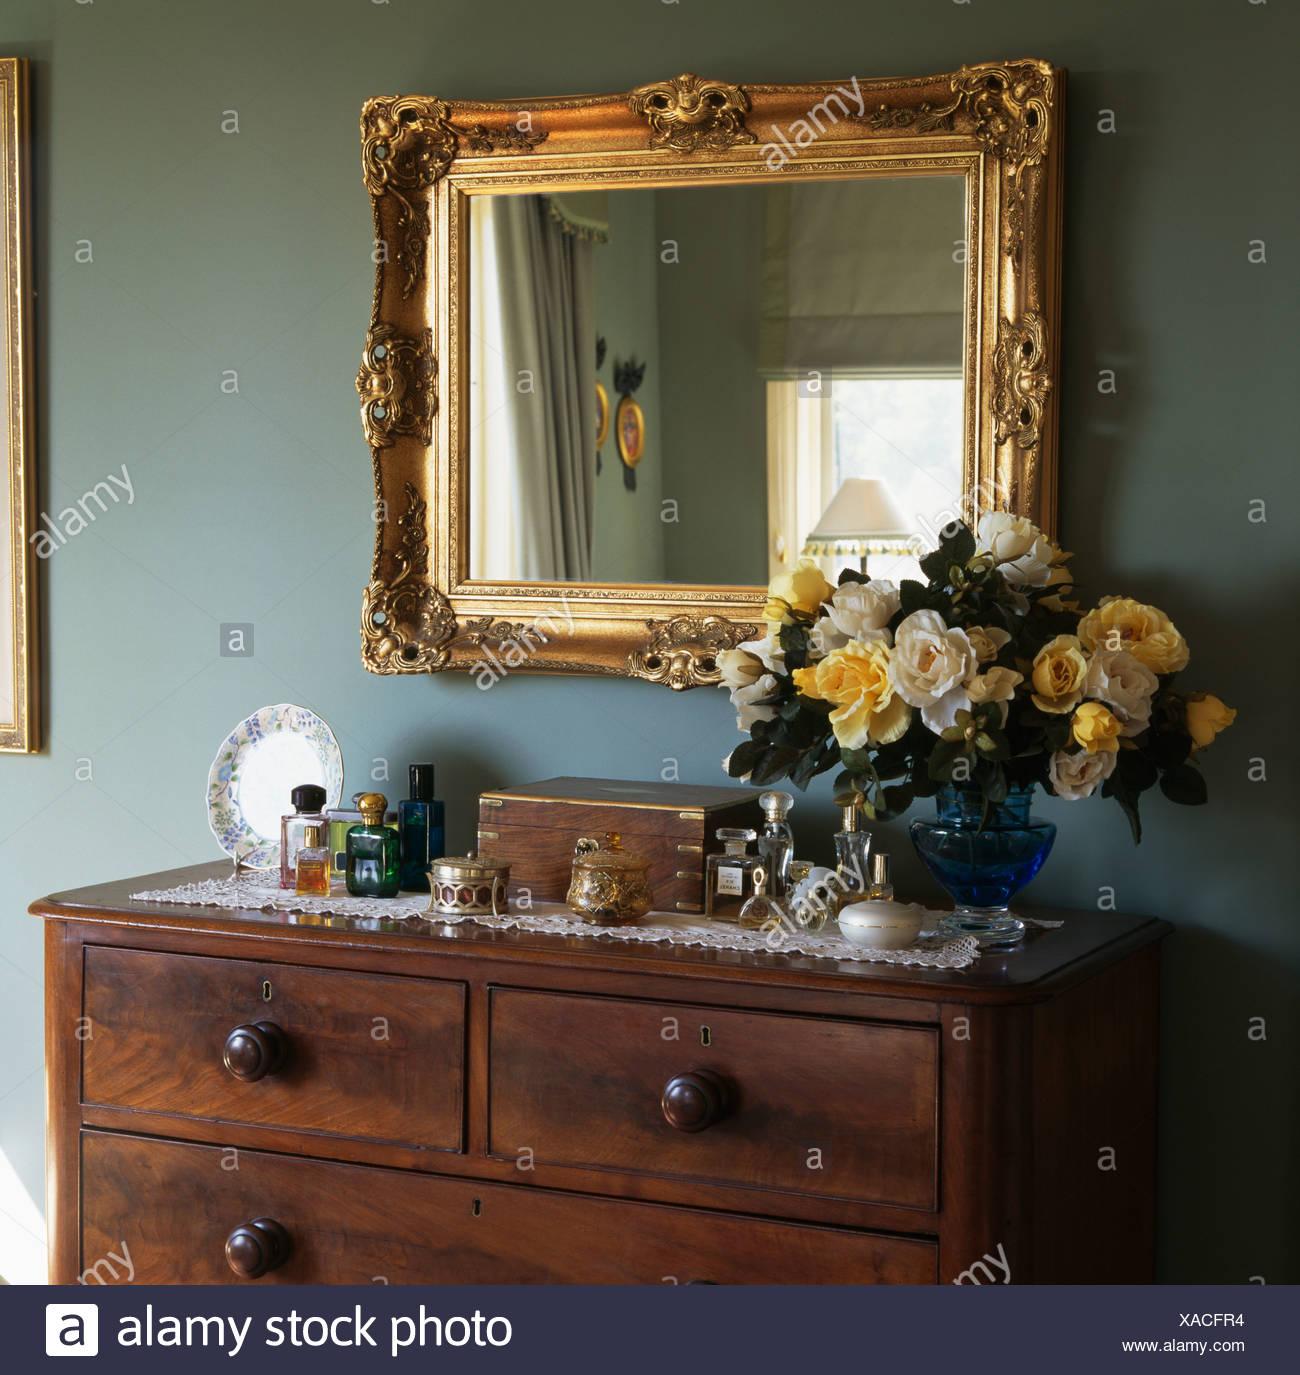 Schlafzimmer Kommode Antik Schlafzimmer Ideen Warm Schlafsofas Fr Jugendzimmer Kleiderschrnke